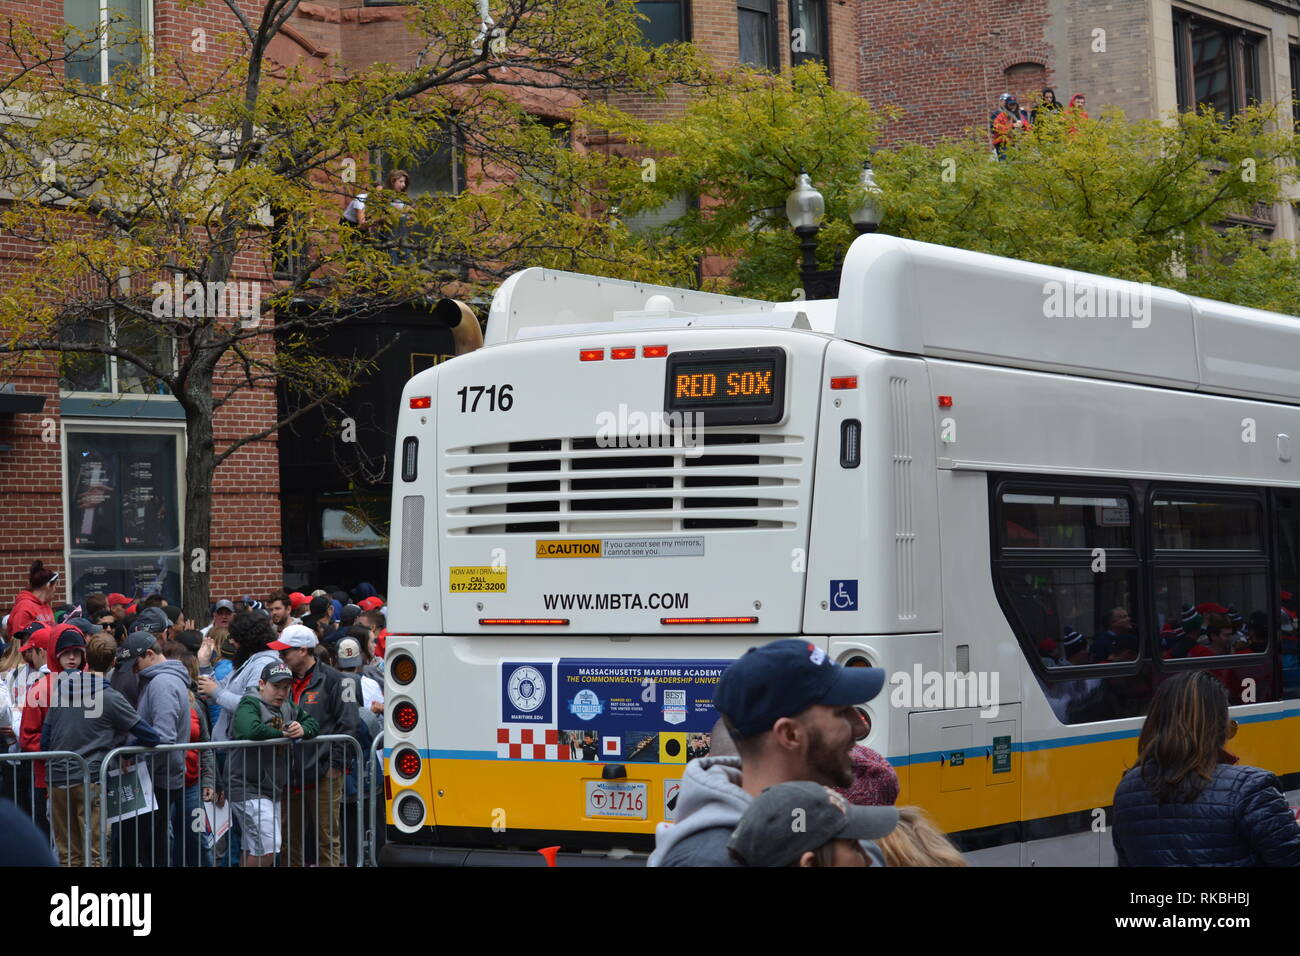 Boston Bus Stock Photos & Boston Bus Stock Images - Page 3 - Alamy